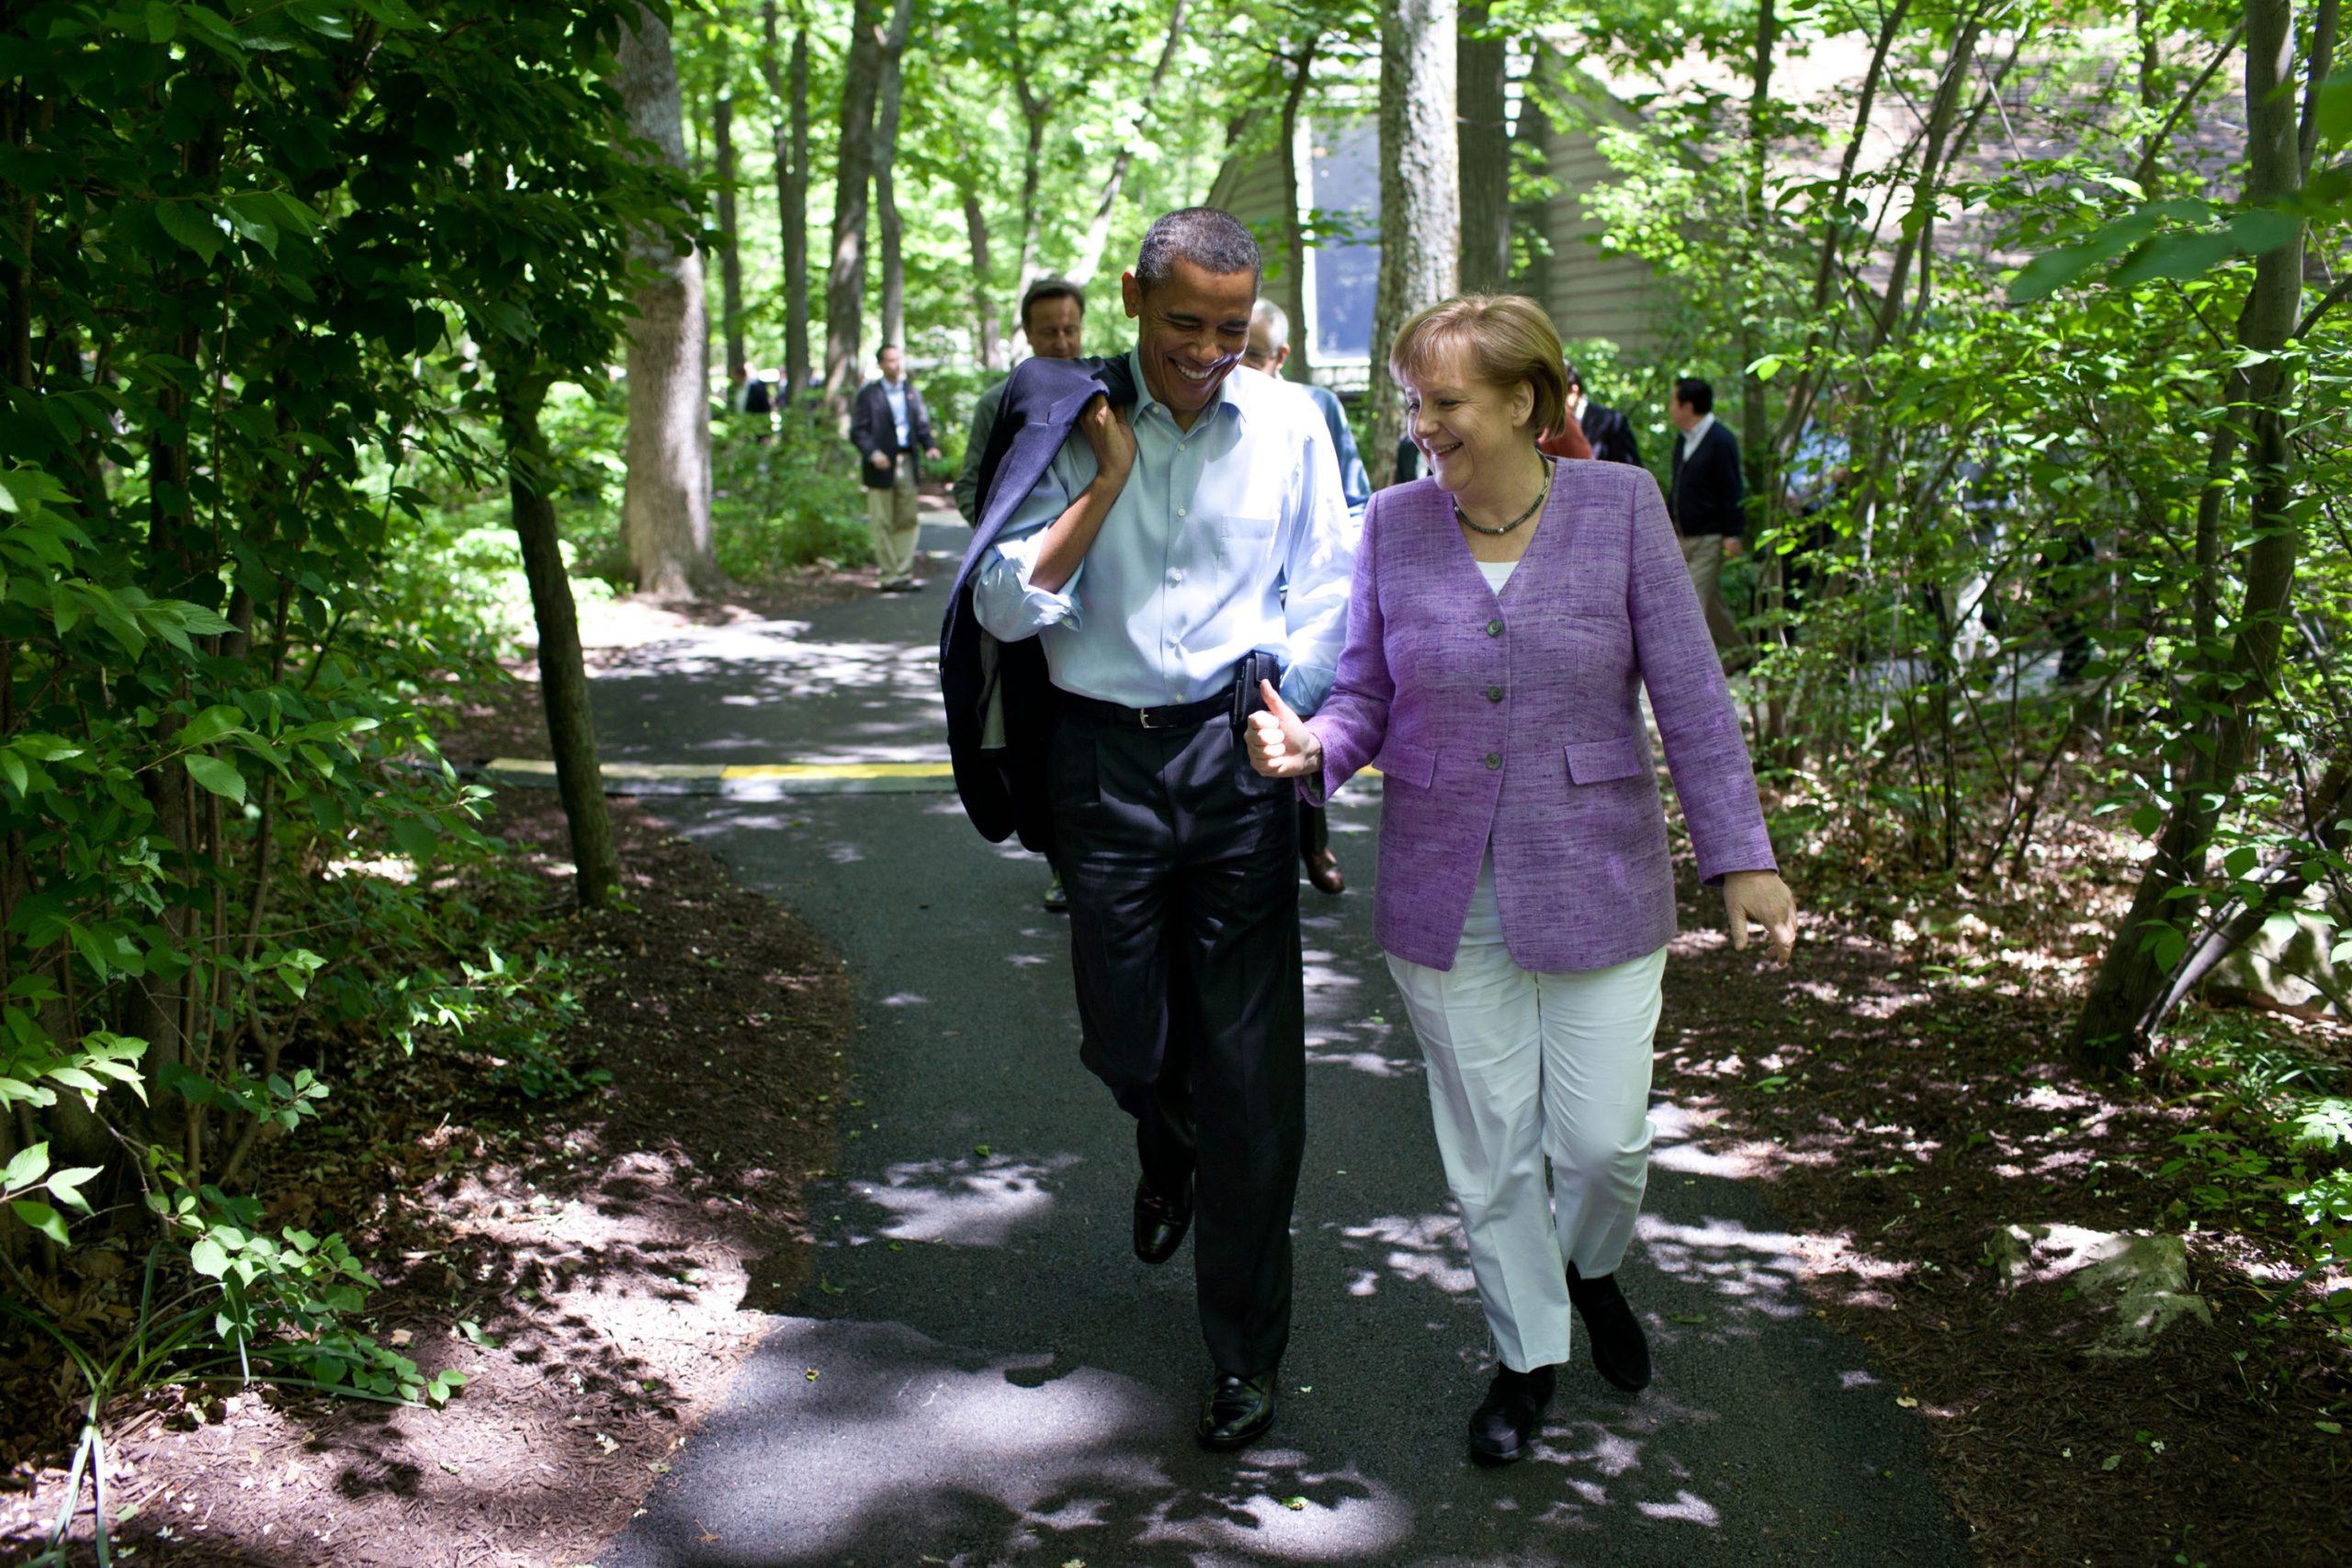 Kivisen alun jälkeen Barack Obaman ja Angela Merkelin välinen luottamus syveni. Obama on muistelmissaan kuvaillut Merkeliä luotettavaksi, rehelliseksi ja ystävälliseksi. Obama soitti virassa ollessaan viimeisen ulkomaanpuhelunsa Merkelille kiittääkseen häntä ystävyydestä ja tuesta. Kuva: Everett Collection/All Over Press